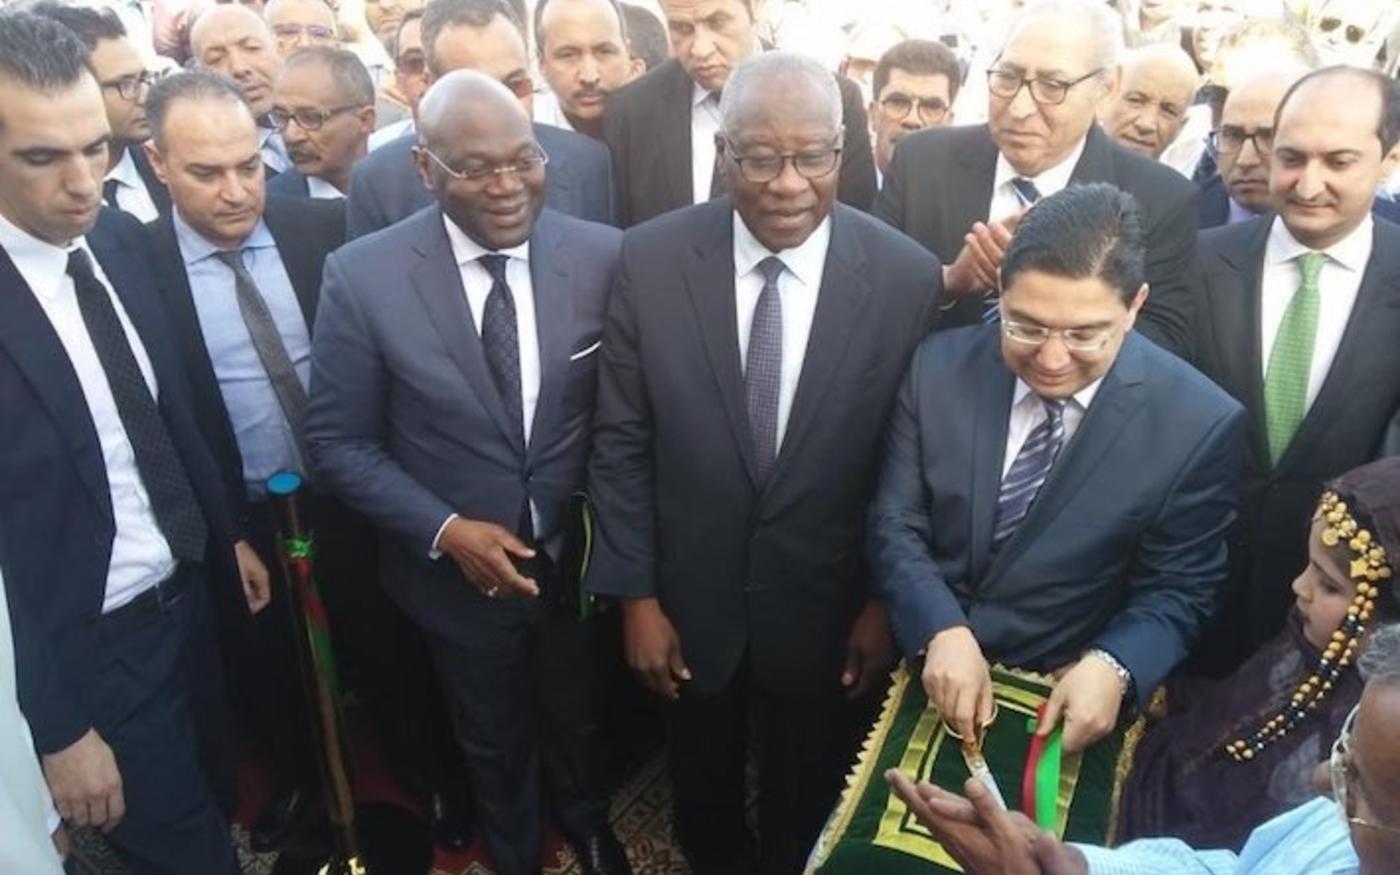 Mamadi Touré, ministre guinéen des Affaires étrangères, et Nasser Bourita, son homologue marocain, inaugurent le consulat général de la République de Guinée, à Dakhla, le 17 janvier 2020 (Twitter/@maegegn)